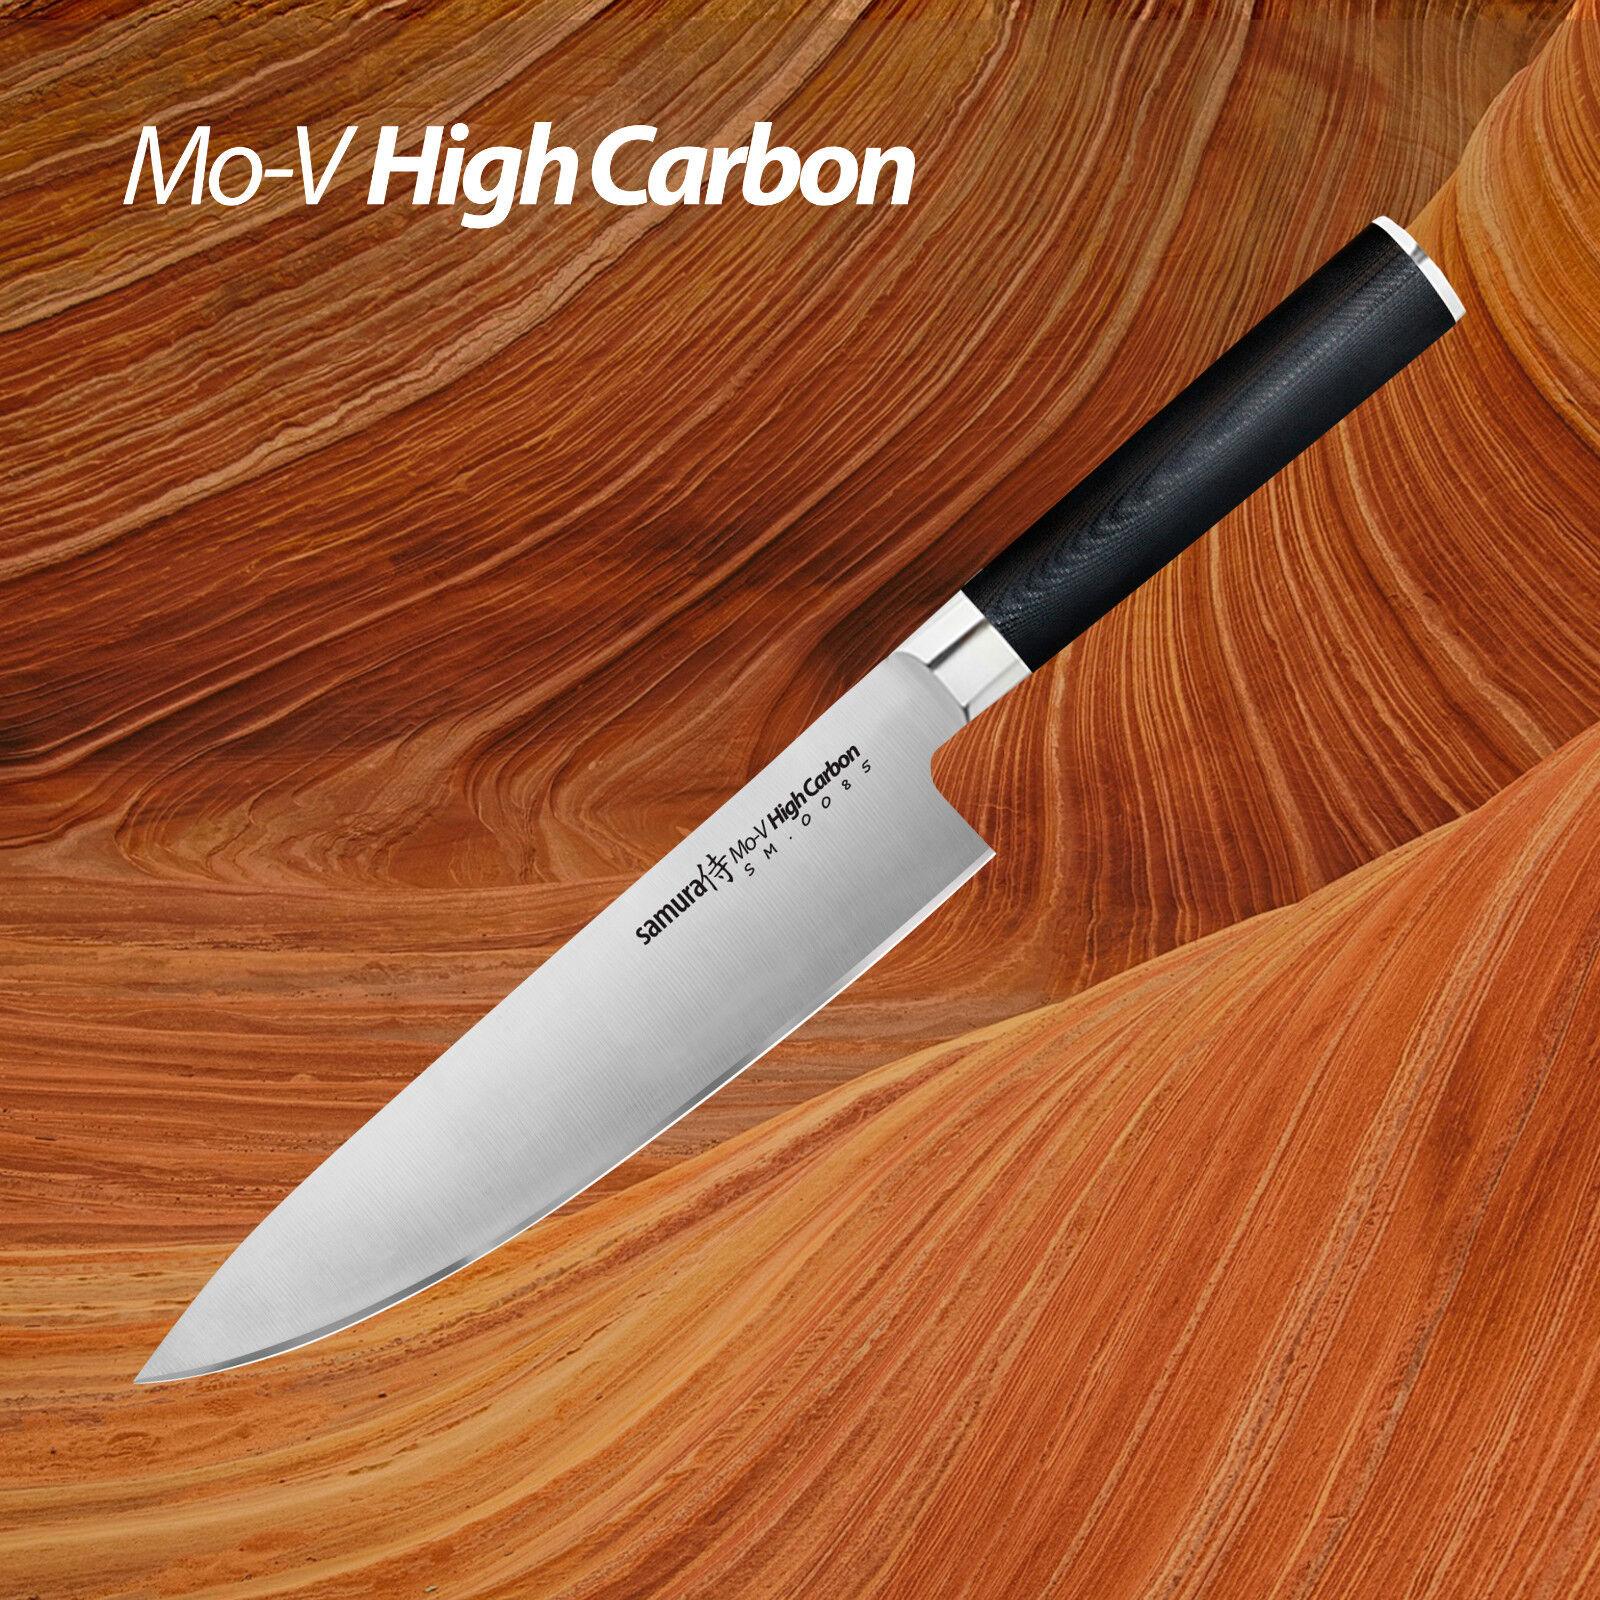 Samura Chef's Mo-V Japonais professionnel couteau de cuisine 59 HRC AUS-8 JAPAN Steel